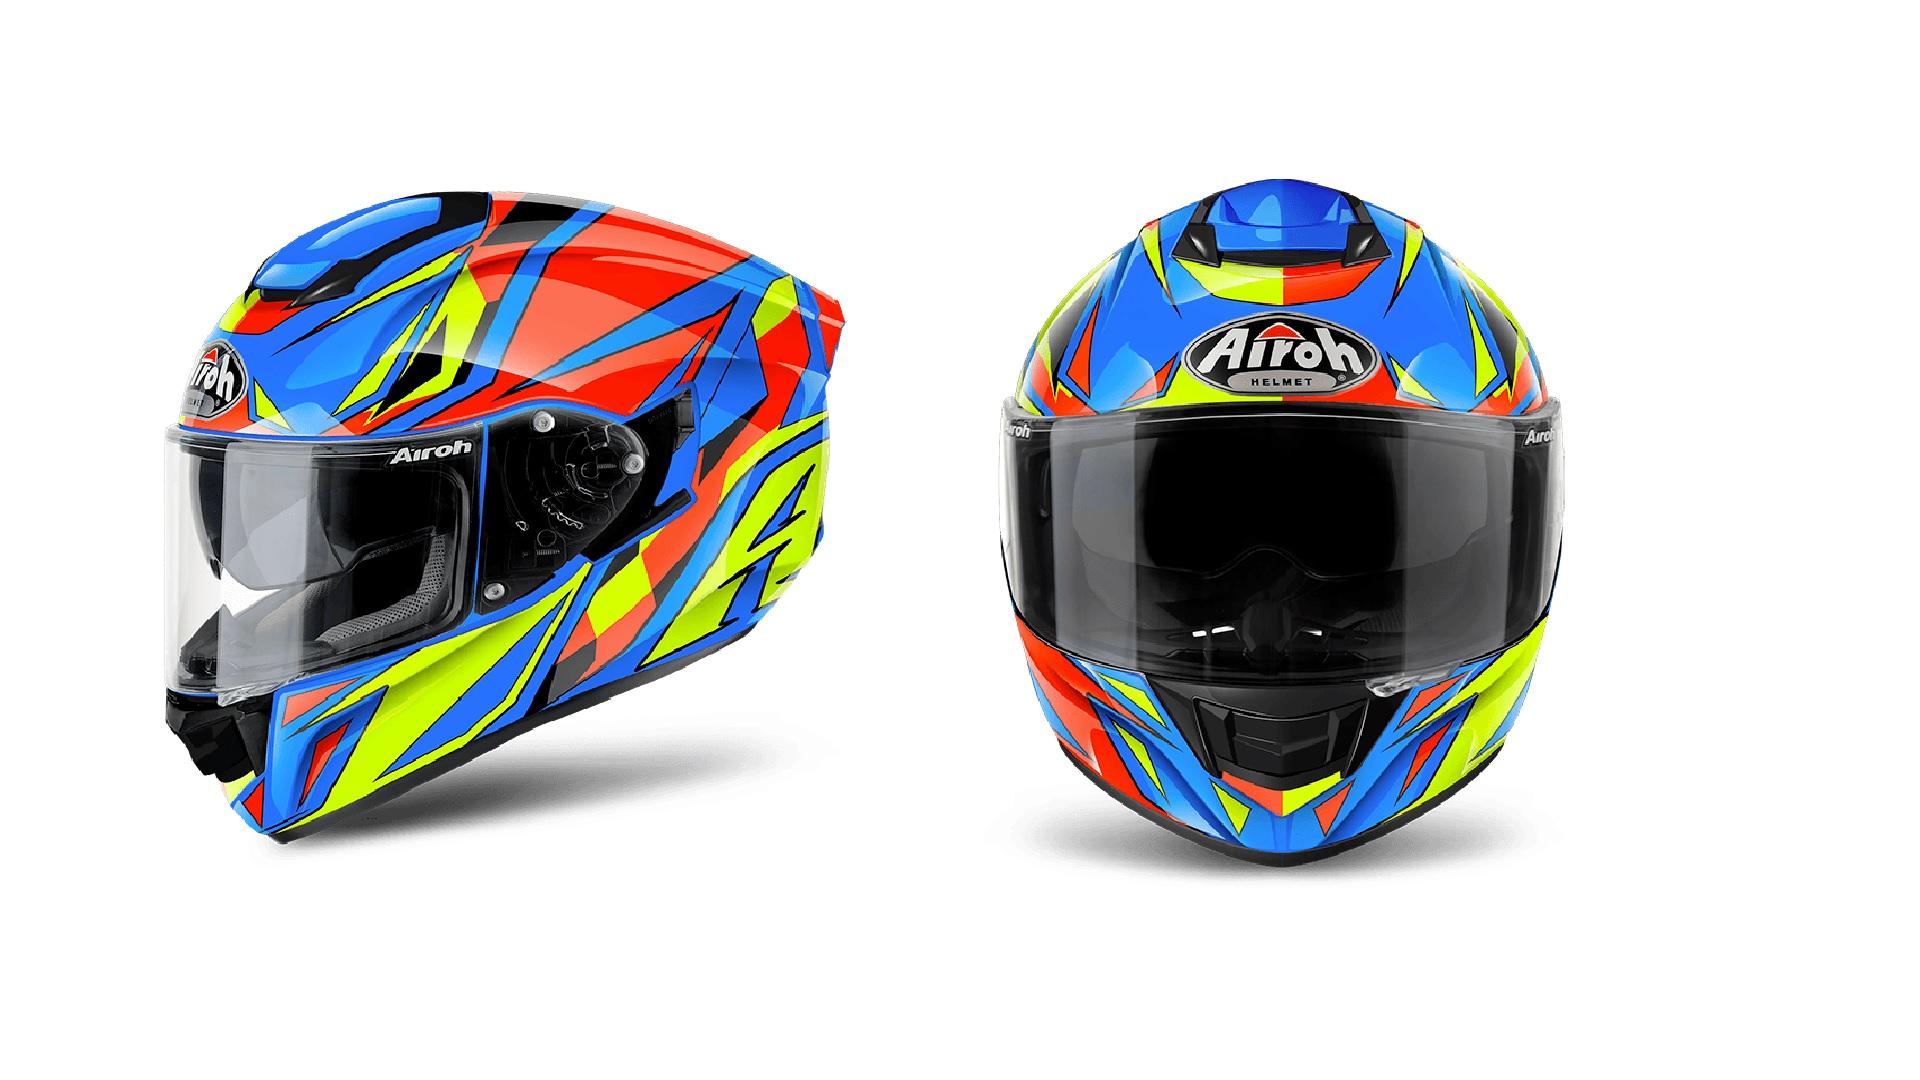 ¿Quieres ganar un AIROH St 501? Con Motociclismo puedes